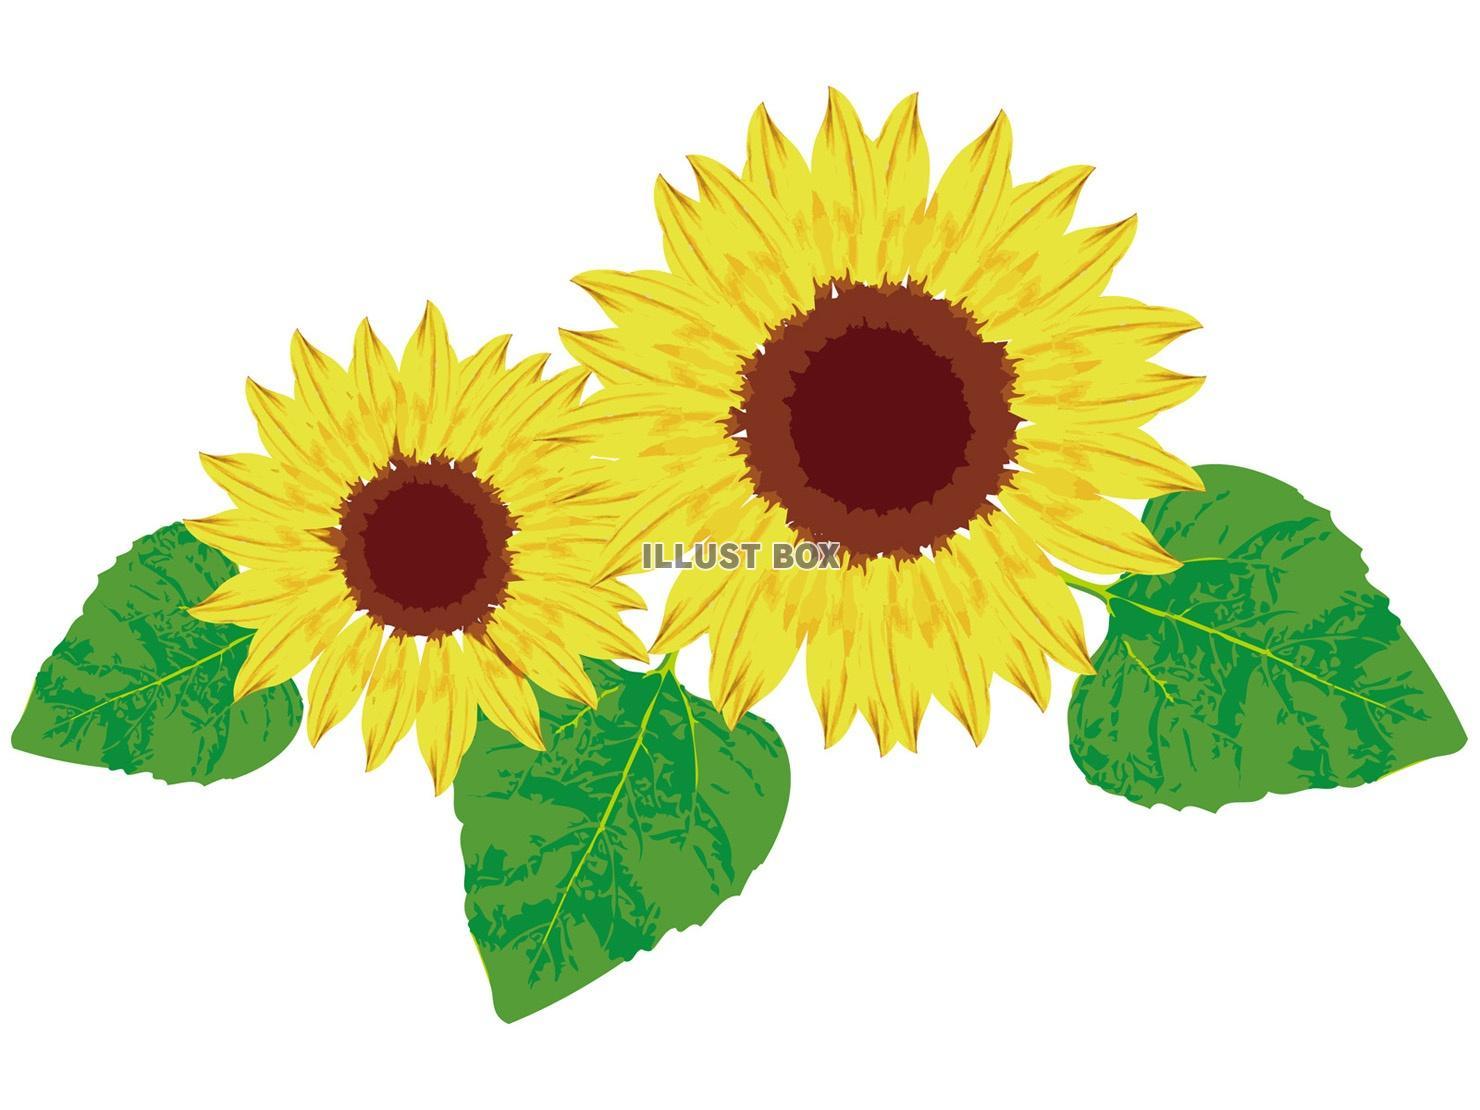 無料イラスト 夏の花植物夏ヒマワリ 茎 ひまわり 葉 向日葵季節感ワン